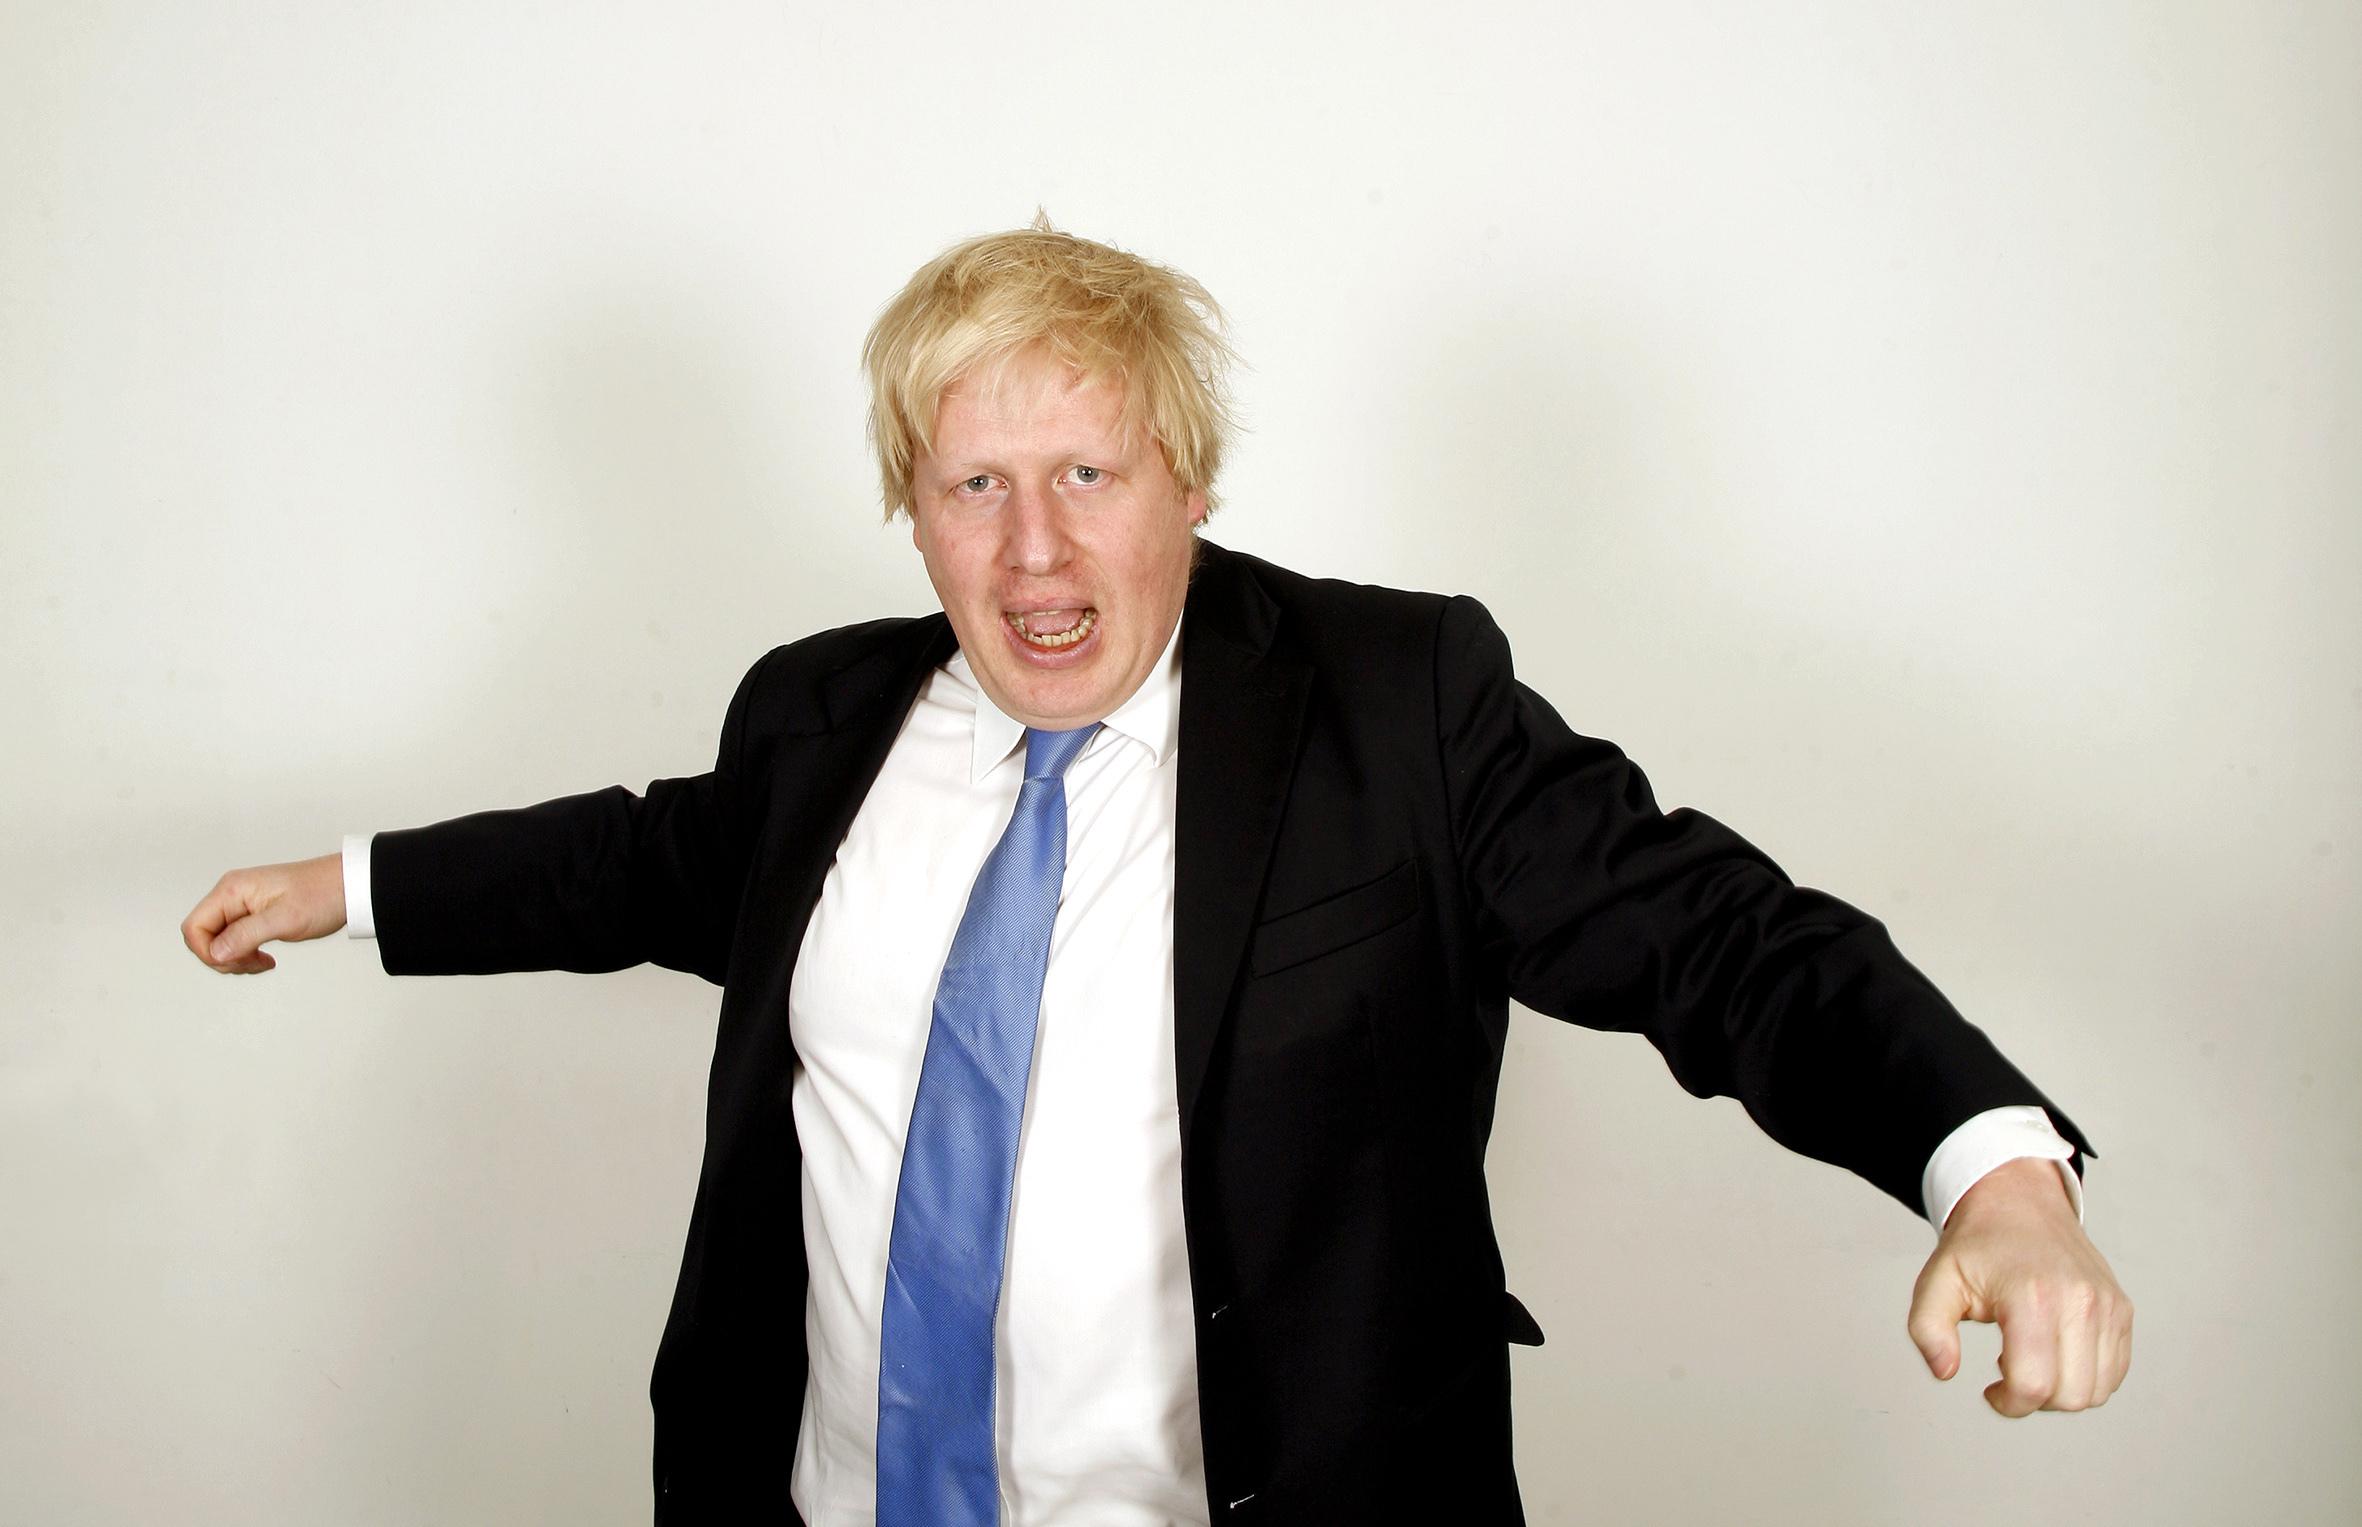 There's a 'Fck Govt Fck Boris' street festival planned tomorrow in London